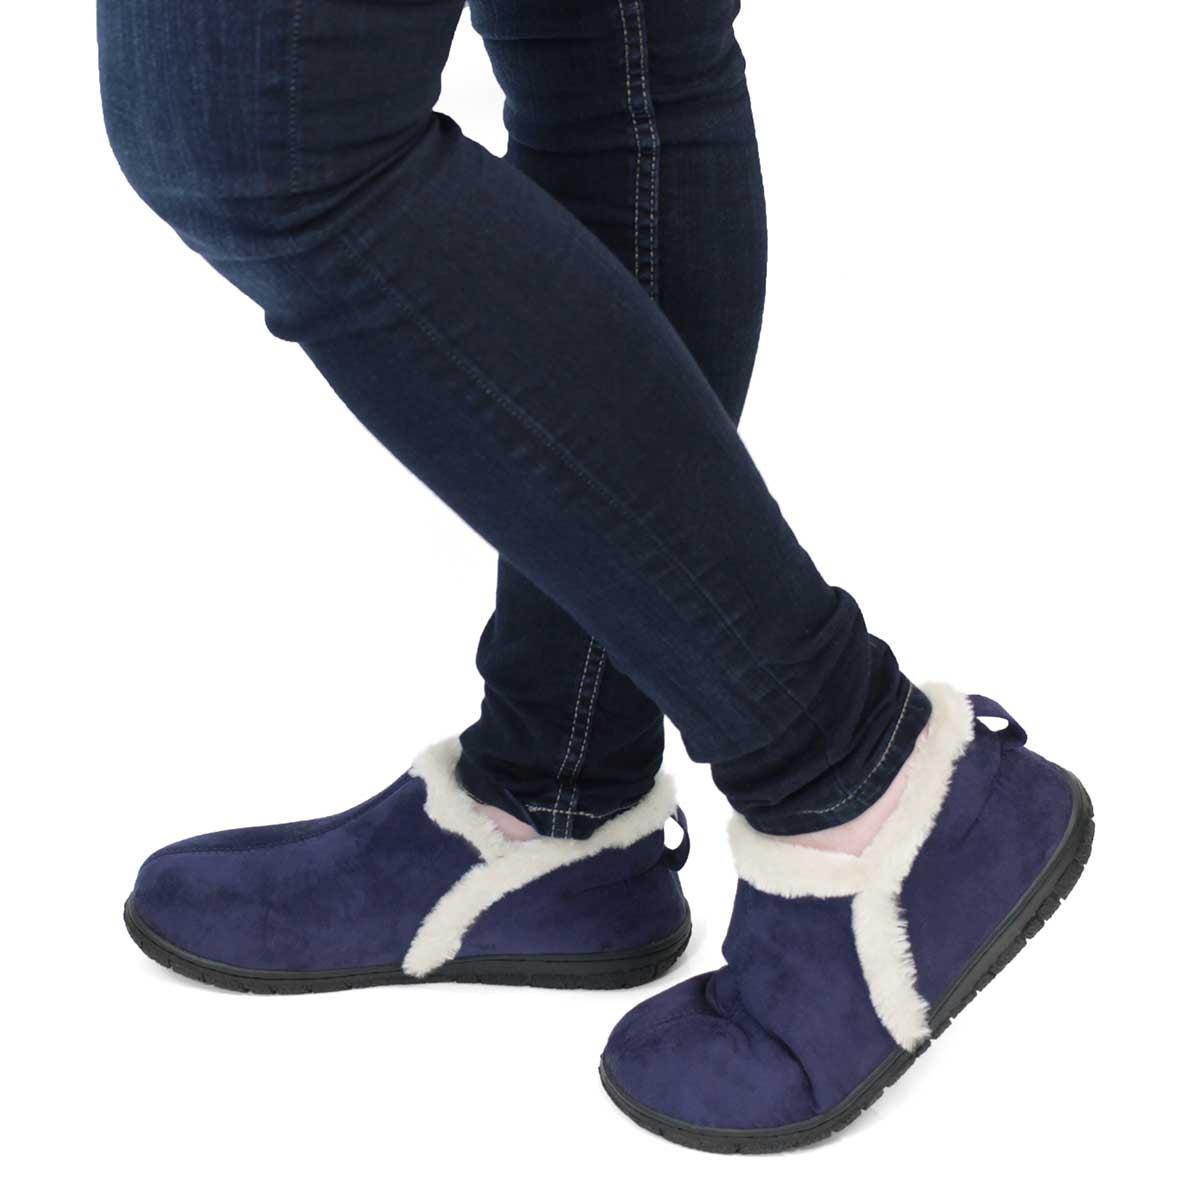 Lds Rachel nvy mem foam clsd bck slipper